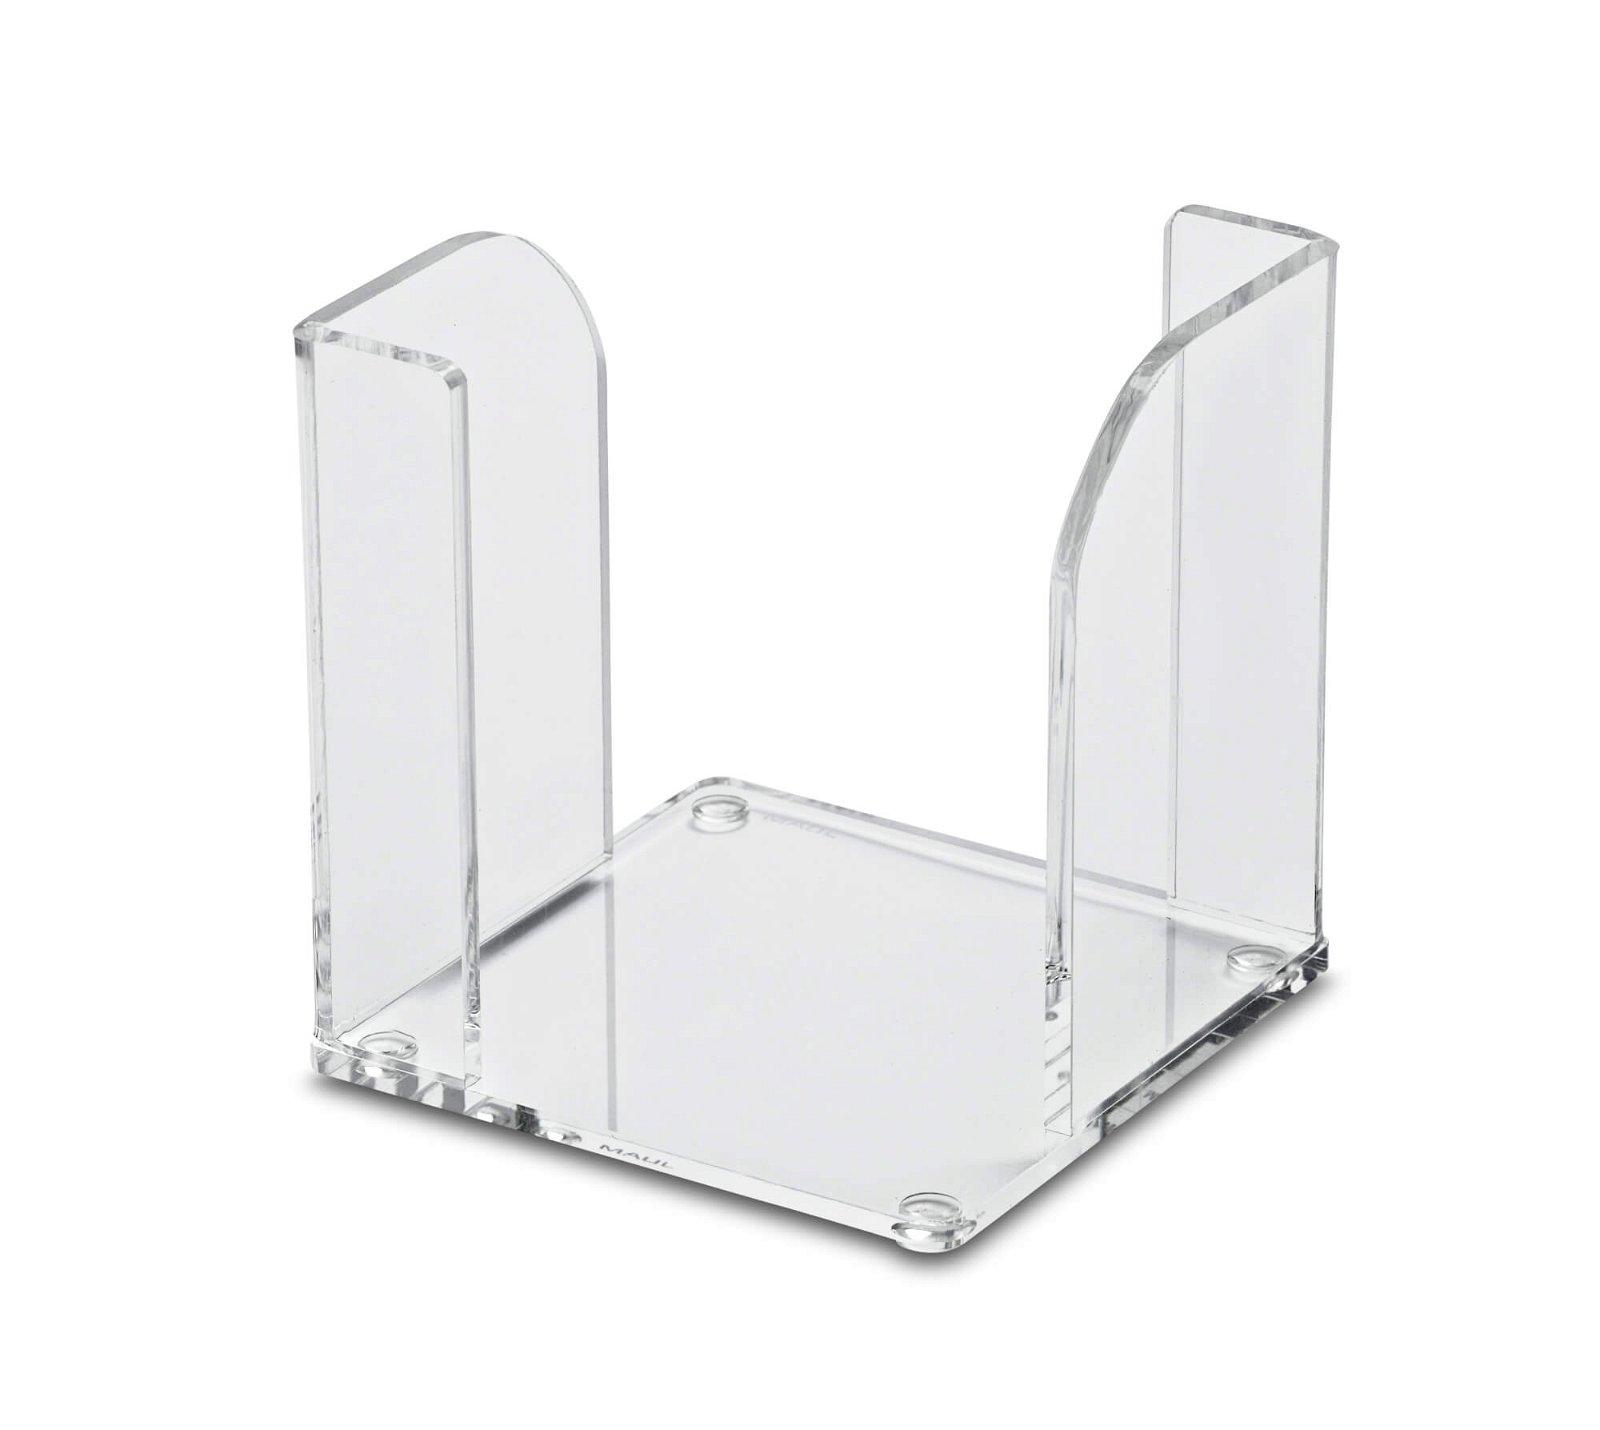 Acryl-Zettelbox 9 x 9 cm, ohne Zettel, glasklar